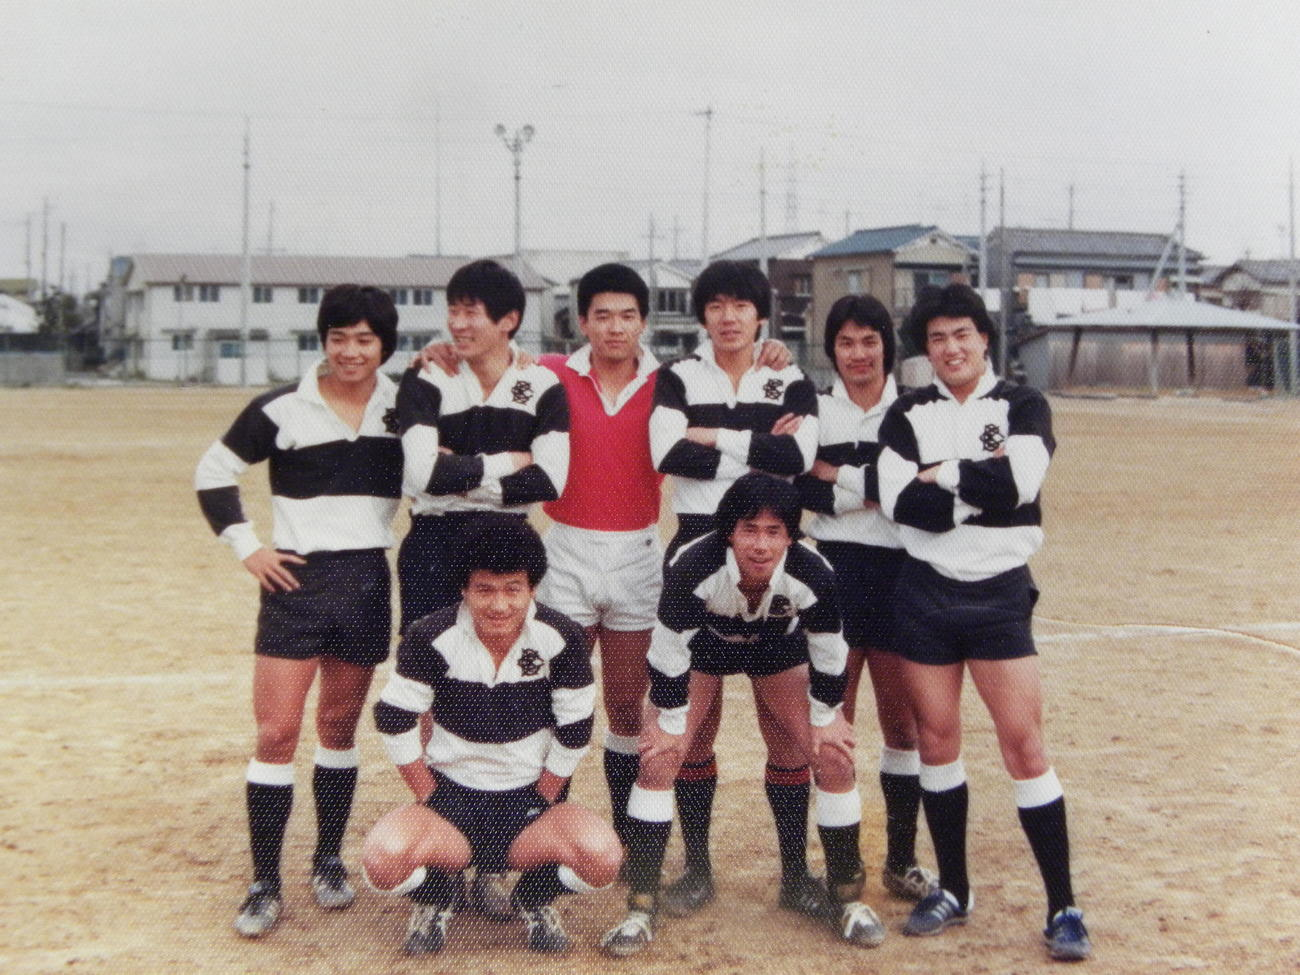 大体大4年時に笑顔を見せる渡田均さん(右上)、松本隆正さん(左下)ら(松本さん提供)